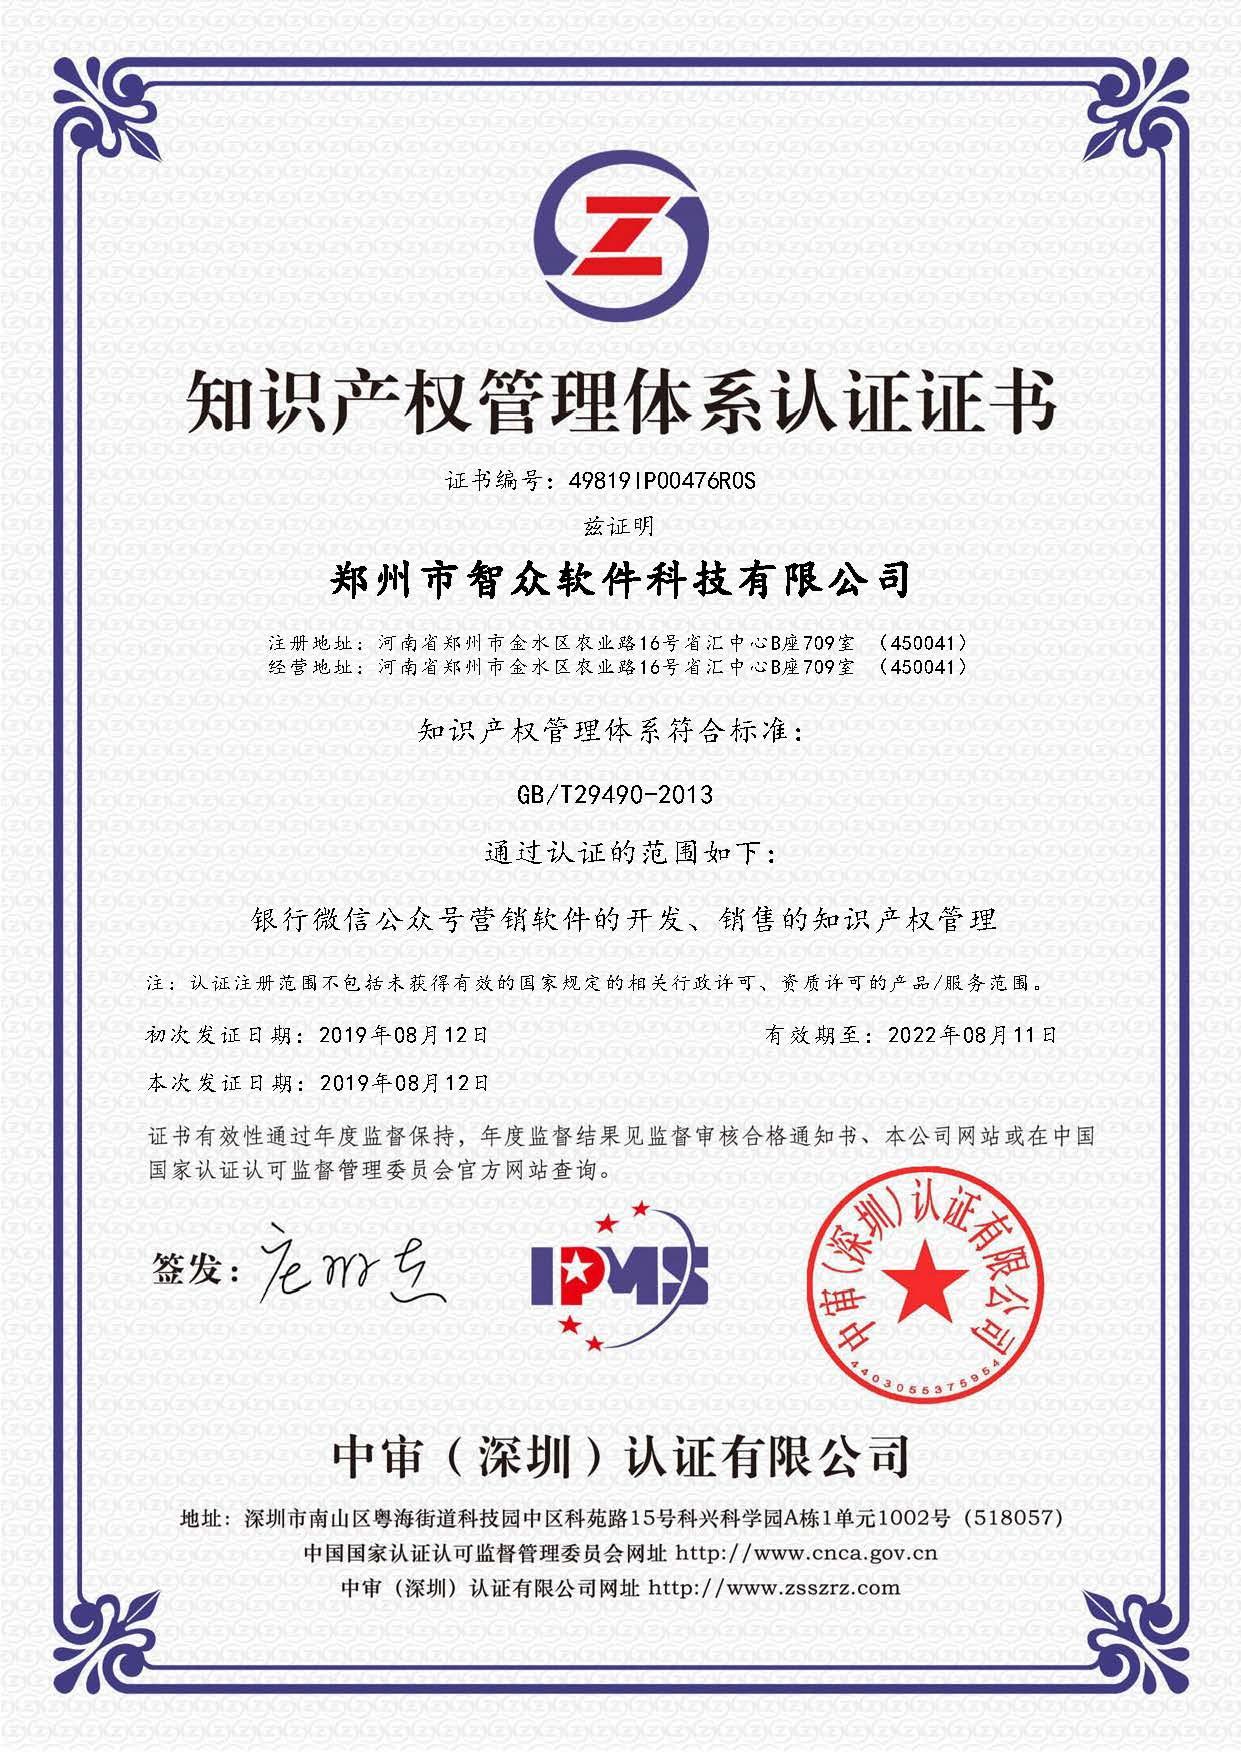 知識産權管理體系認證證書